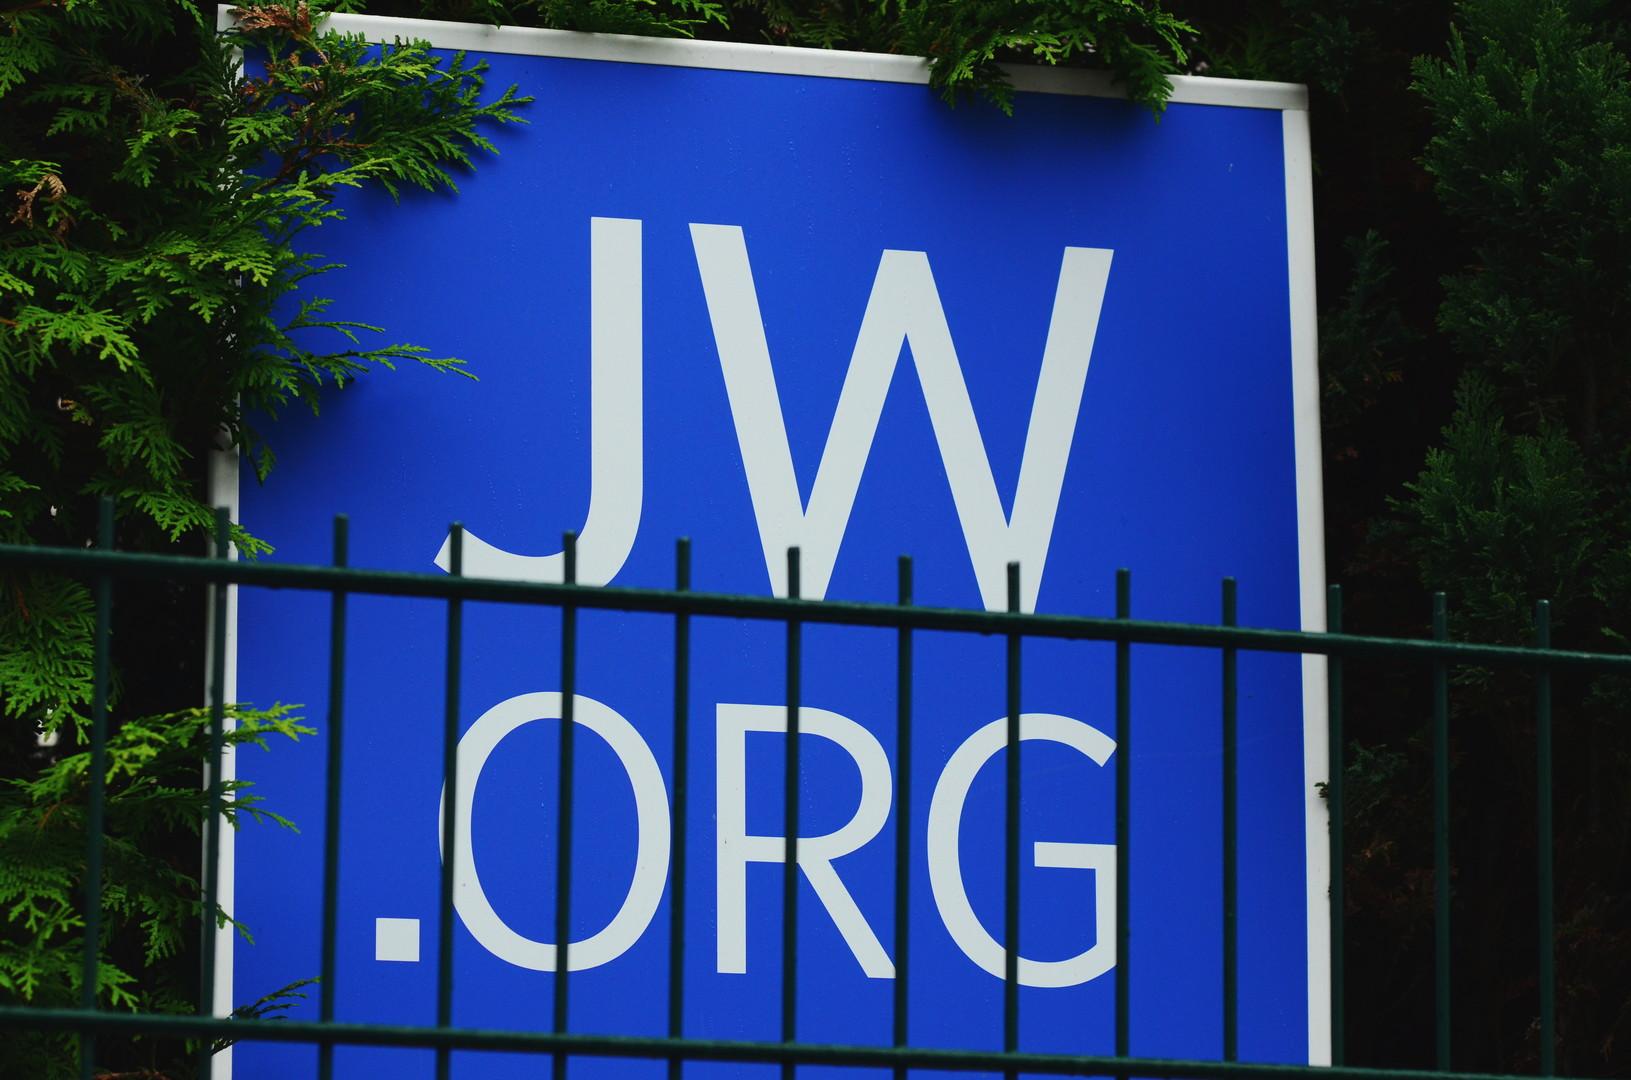 RT Spezial: Seltener Einblick in die Welt der Zeugen Jehovas - Freiheit, Missbrauch und Verbote